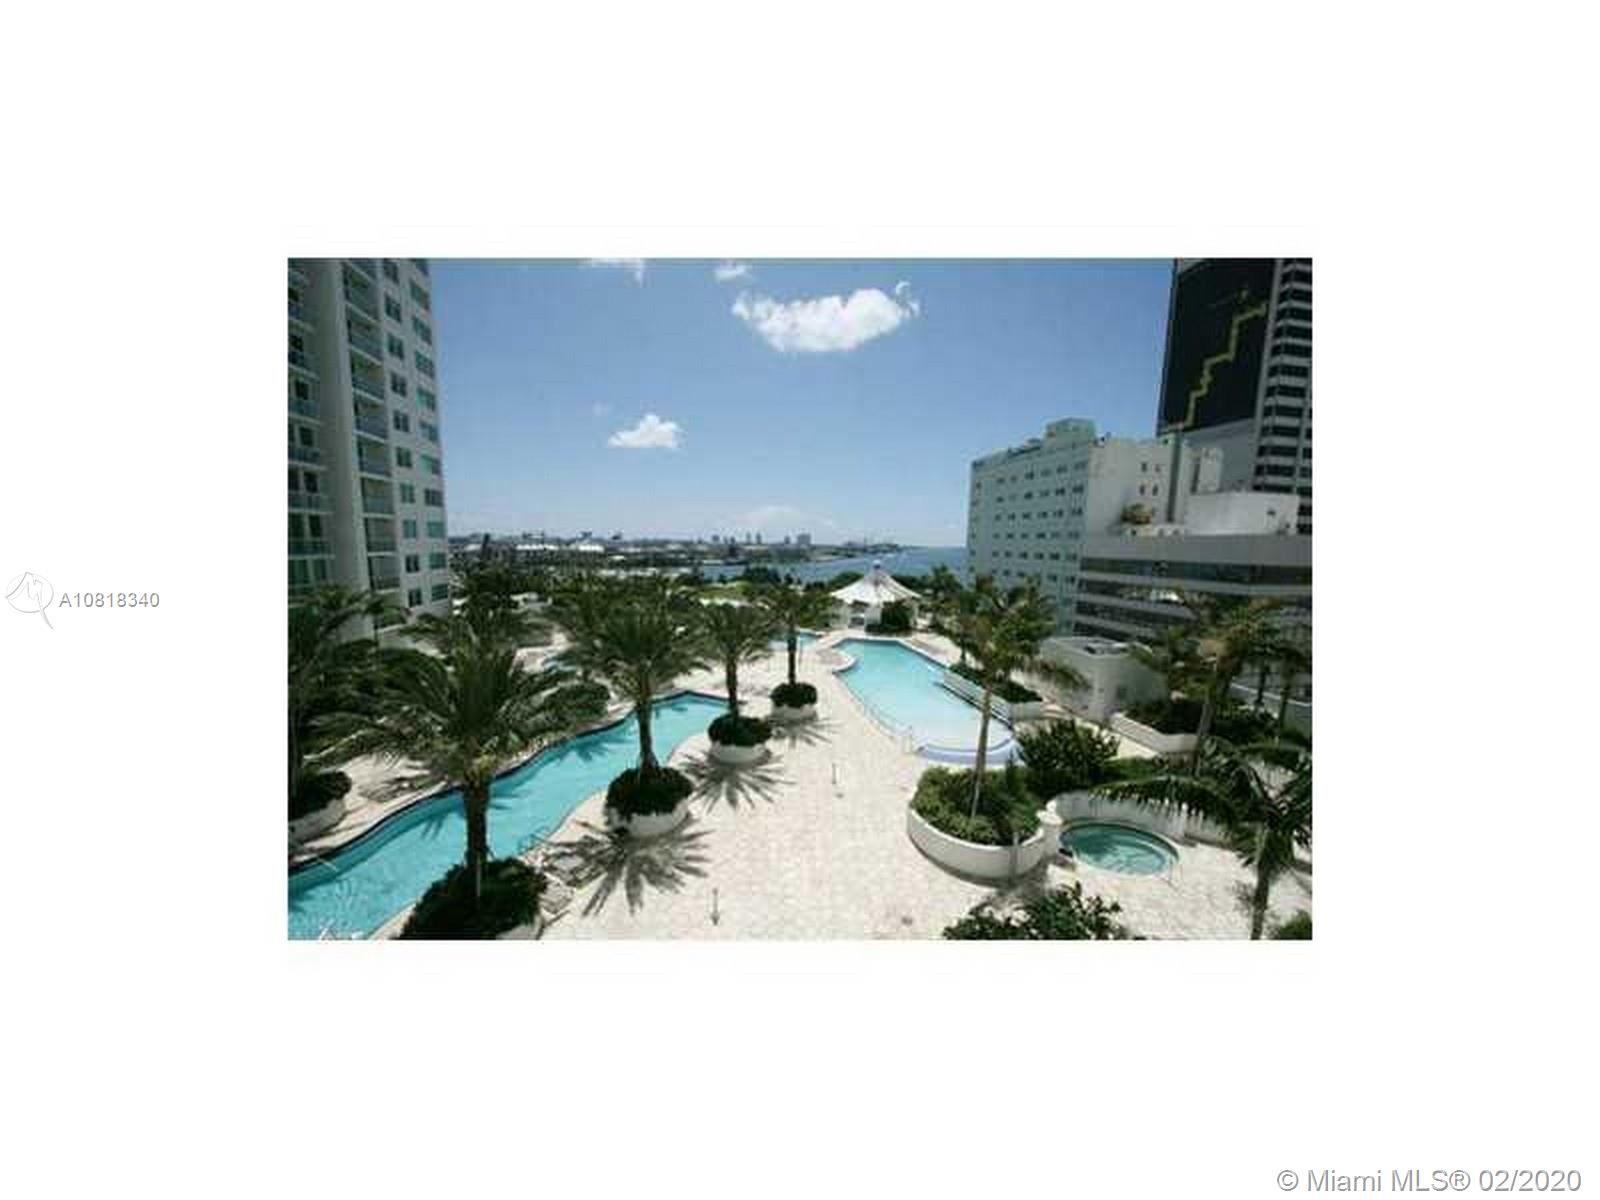 244 Biscayne Blvd #344, Miami, FL 33132 - #: A10818340